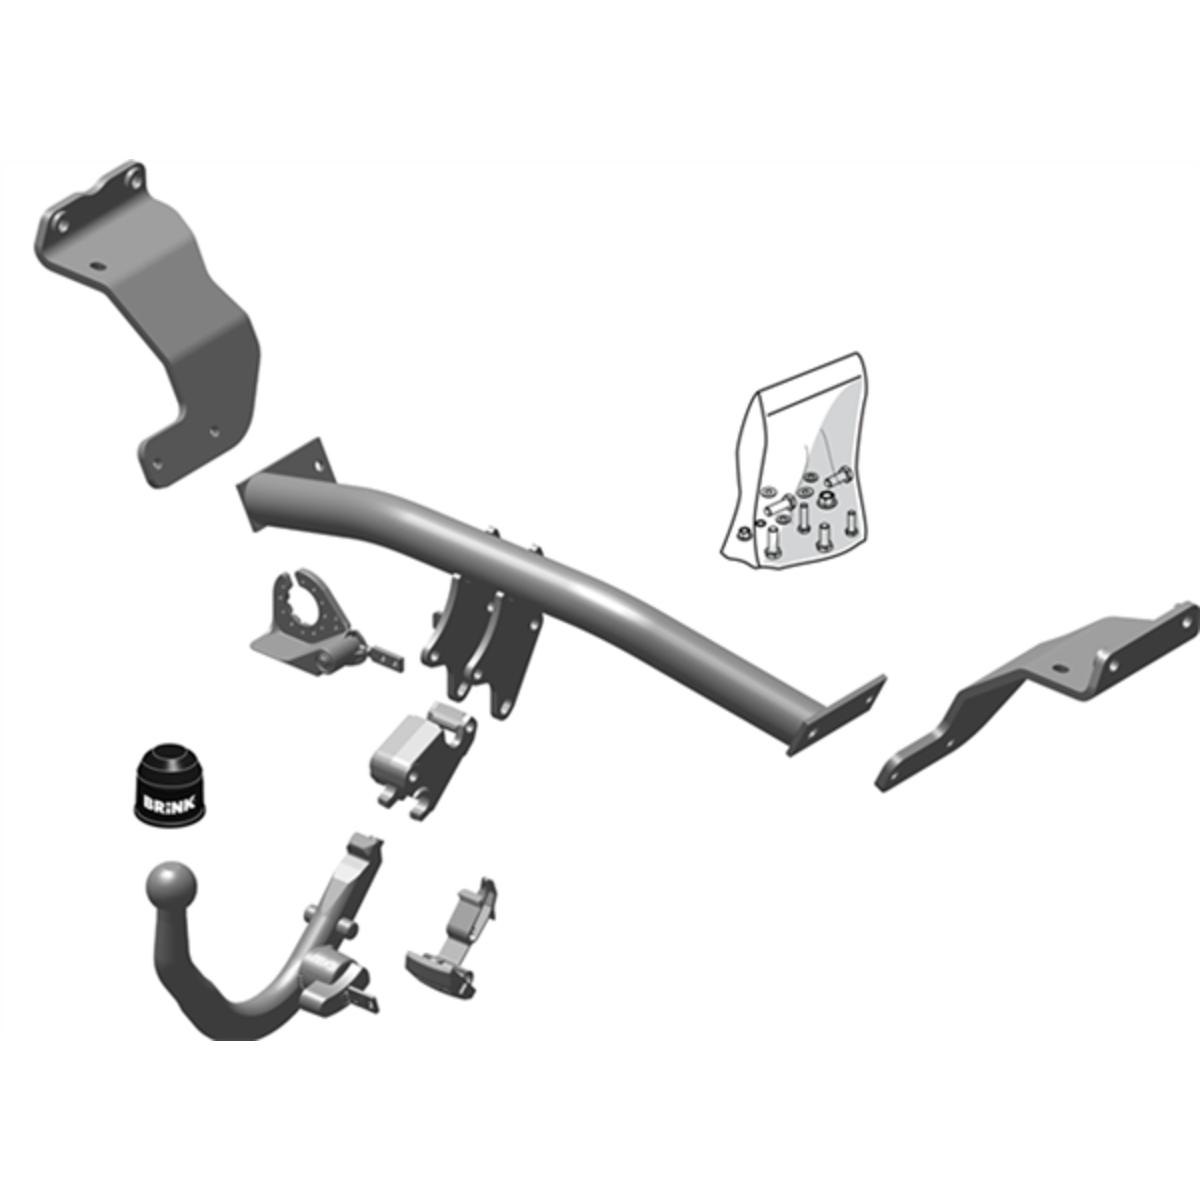 Brink Towbar to suit Hyundai i30 (05/2012 - on), KIA Cee'd (09/2012 - 05/2020)